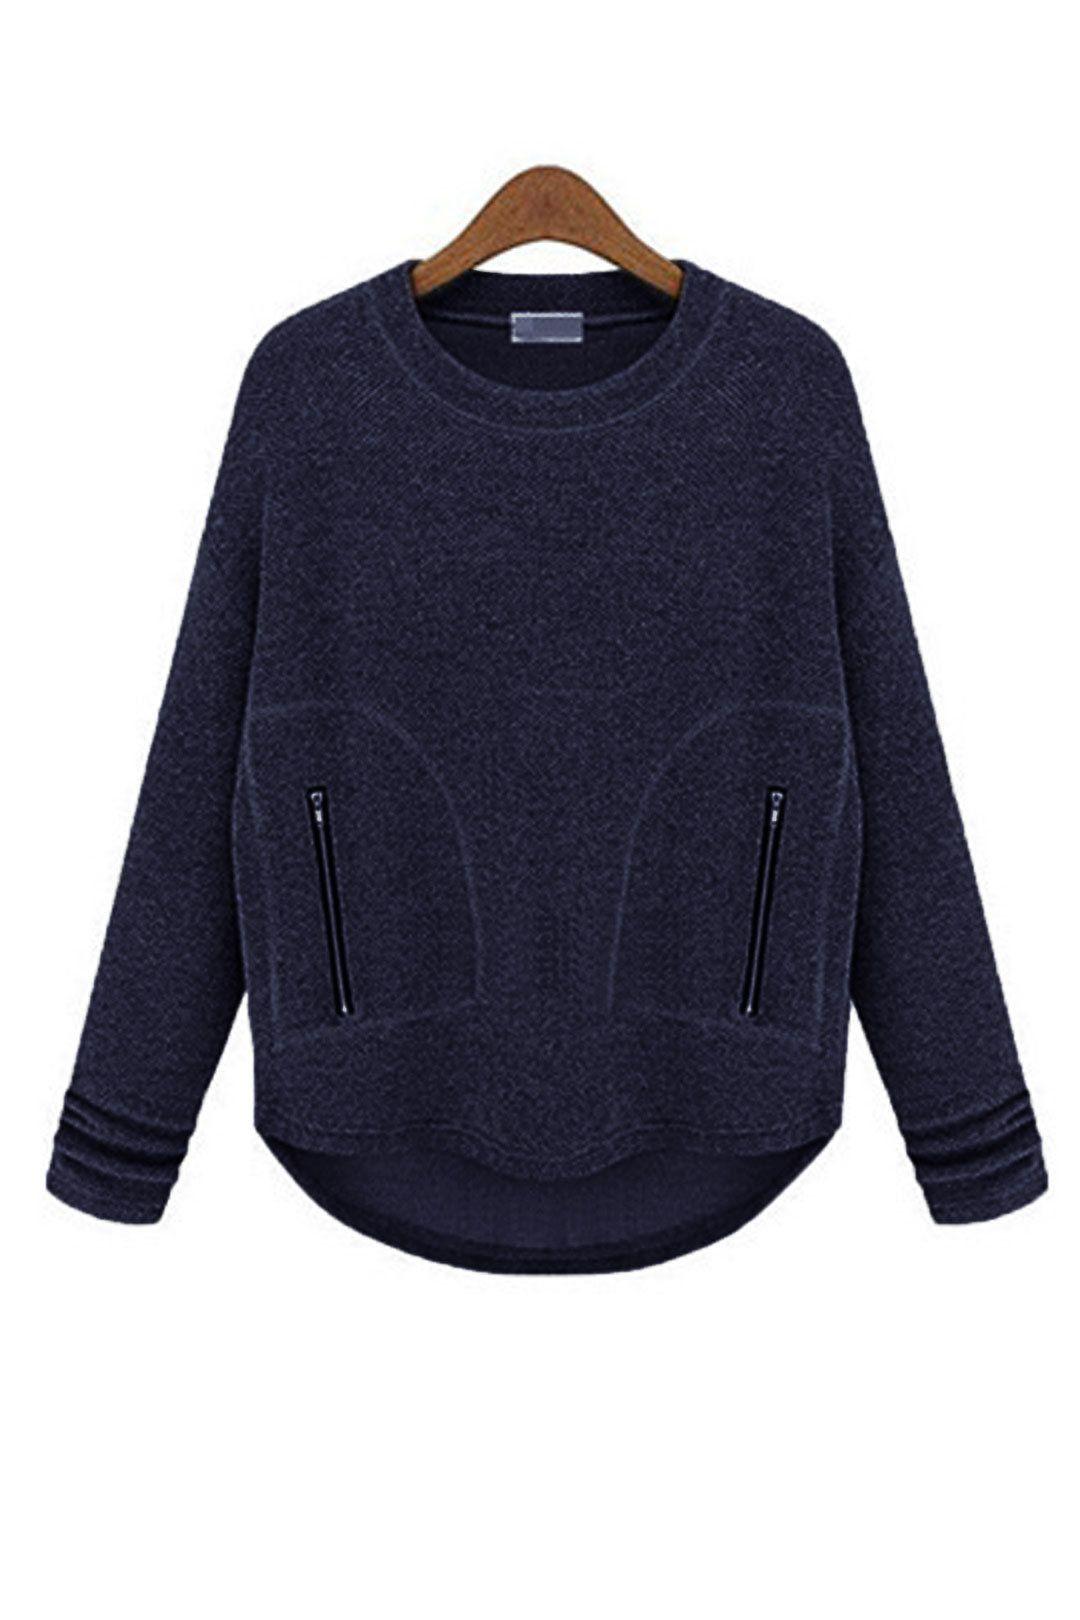 Esta gola redonda características da camisola, luva longa e bolso com zíper. Adapta-se para o seu dia desgastando ocasionais no outono e inverno. Basta preenchê-lo com um namorado jeans e um par de botas de tornozelo.